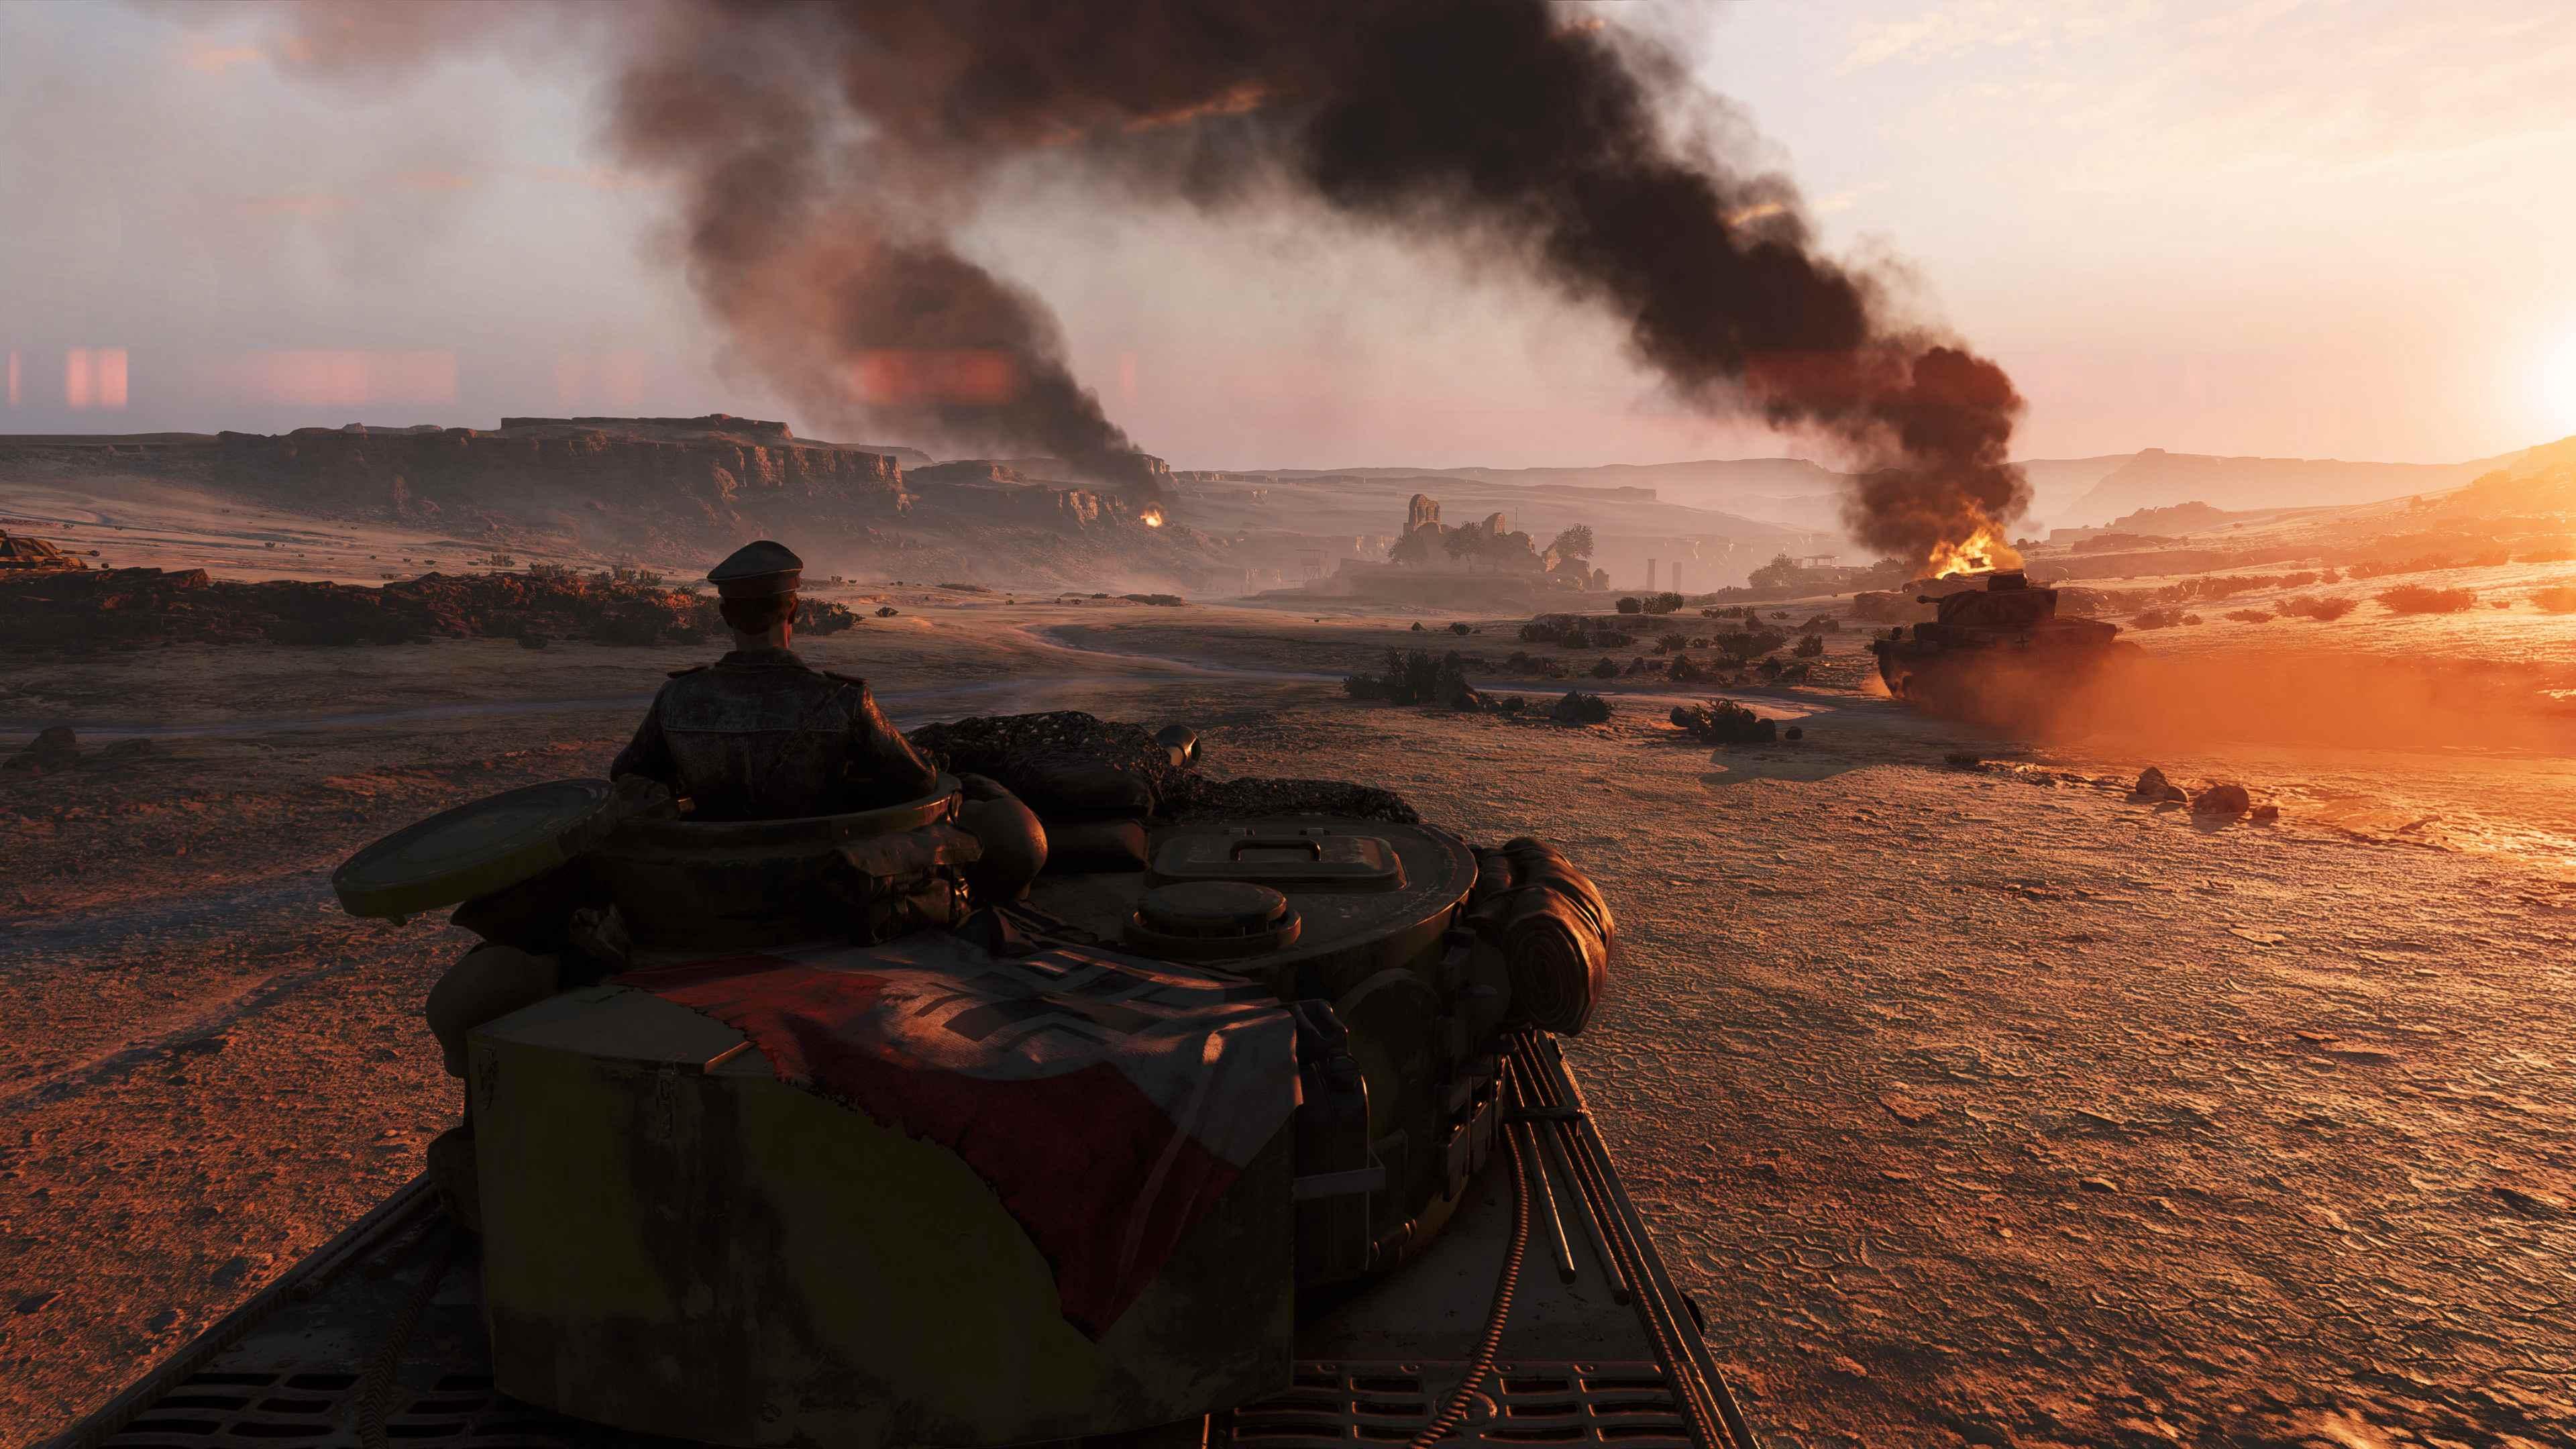 《战地5》PC版4K分辨率截图欣赏 最高画质